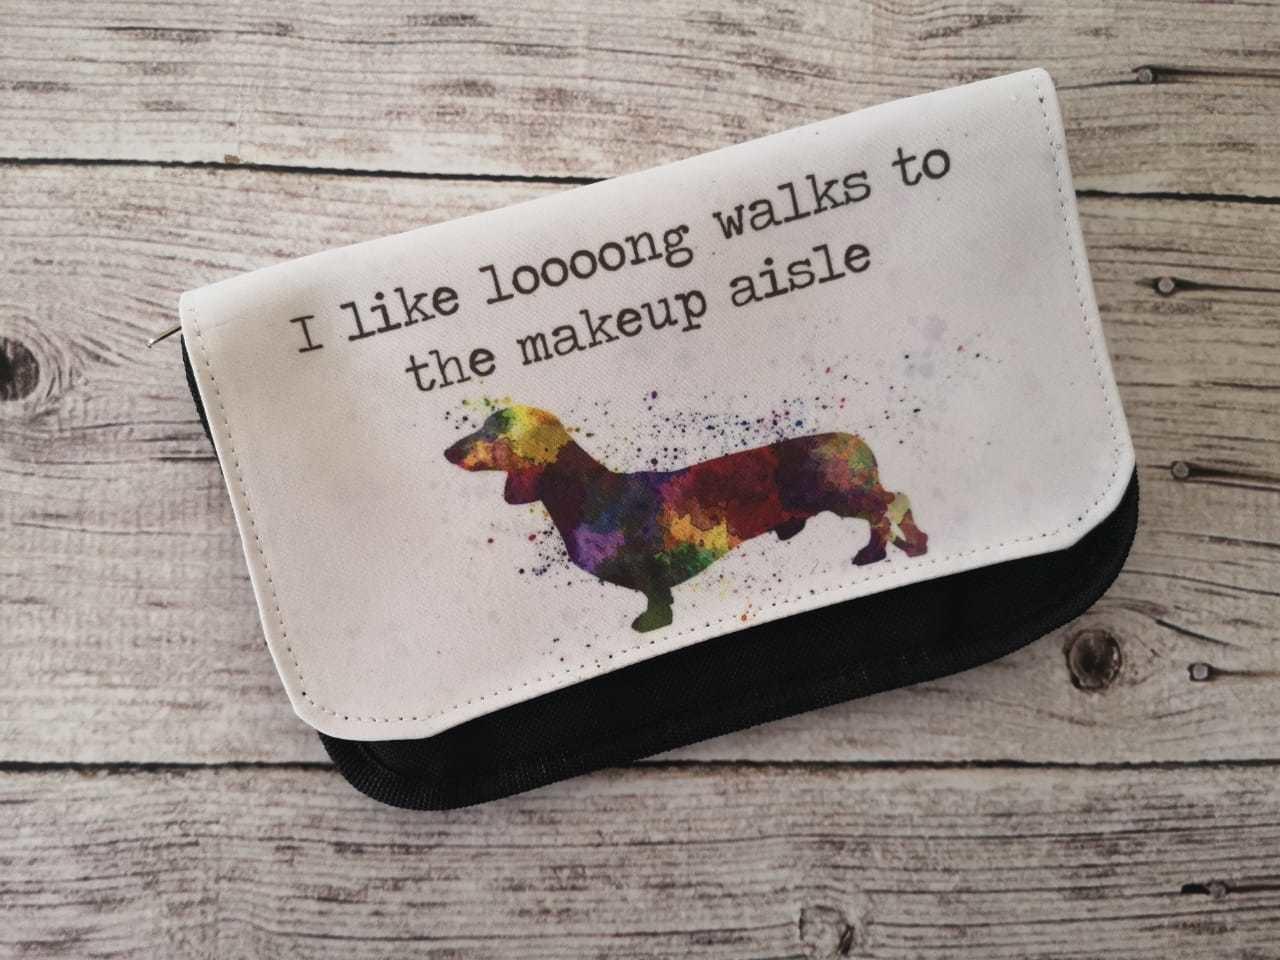 Make-Up Bag - I like Loooong Walks to the Make-up Aisle